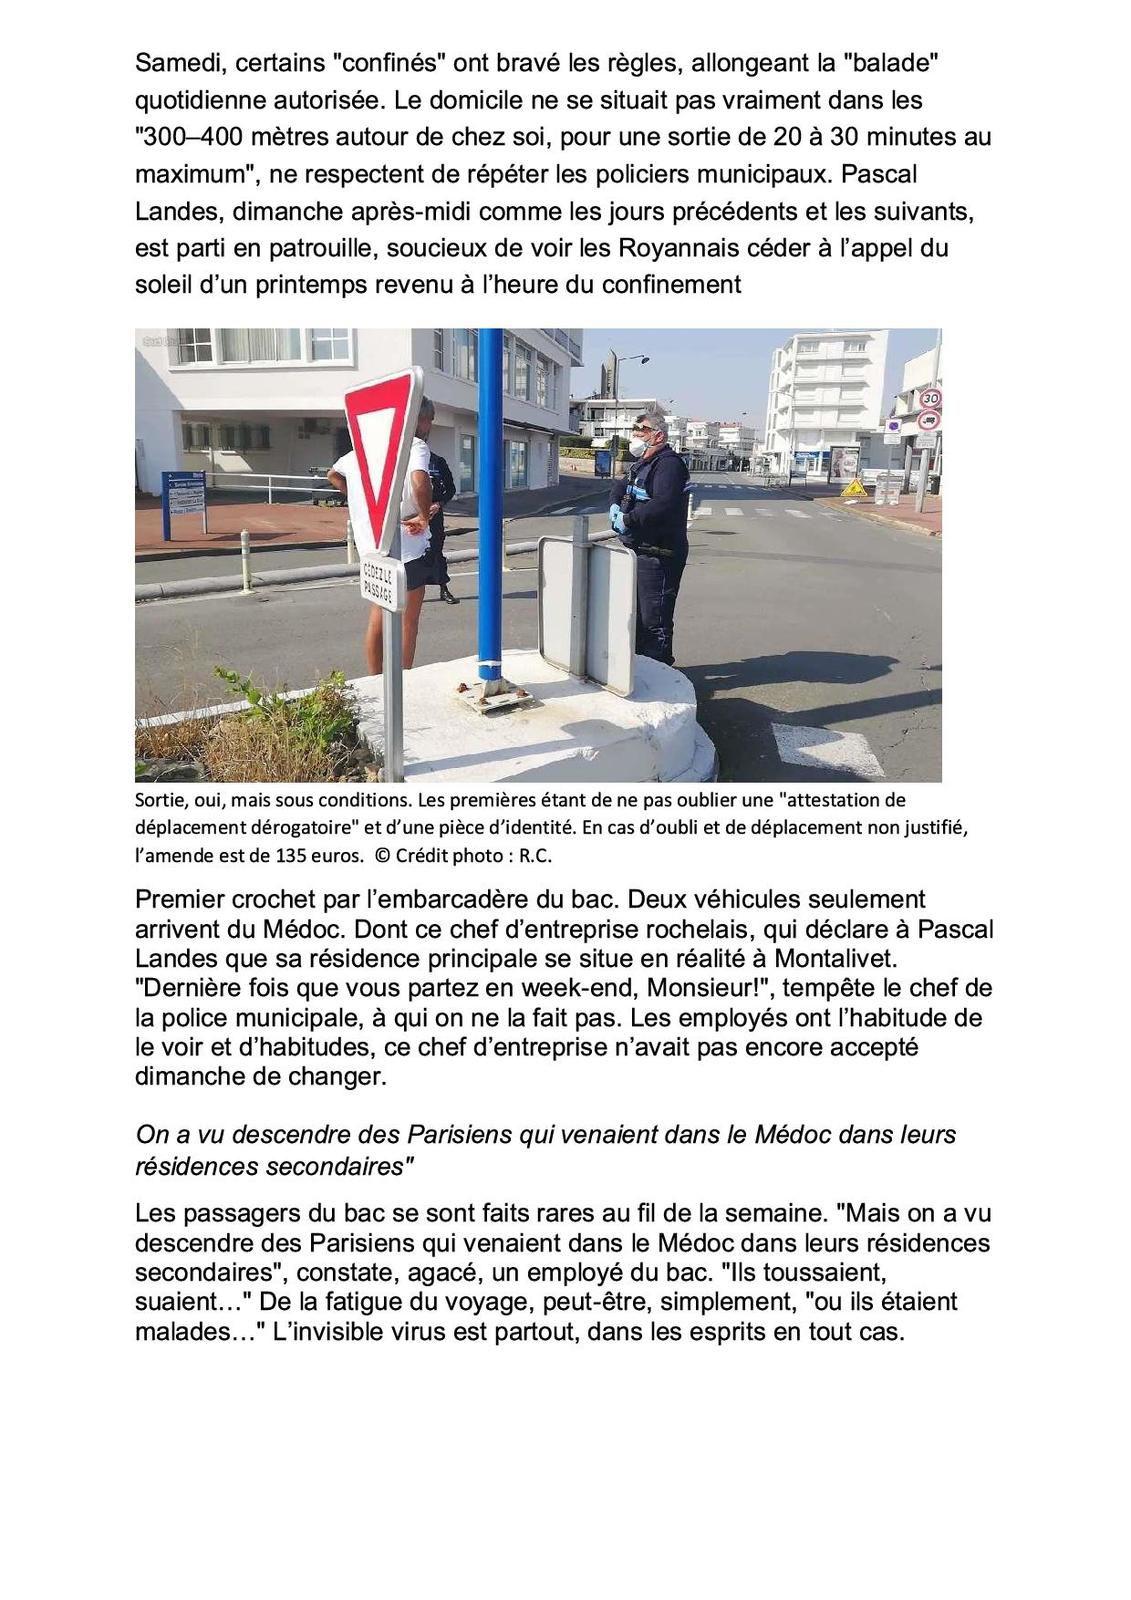 [VIDEO] Reportage avec la Police Municipale de Royan(17) - Confinement